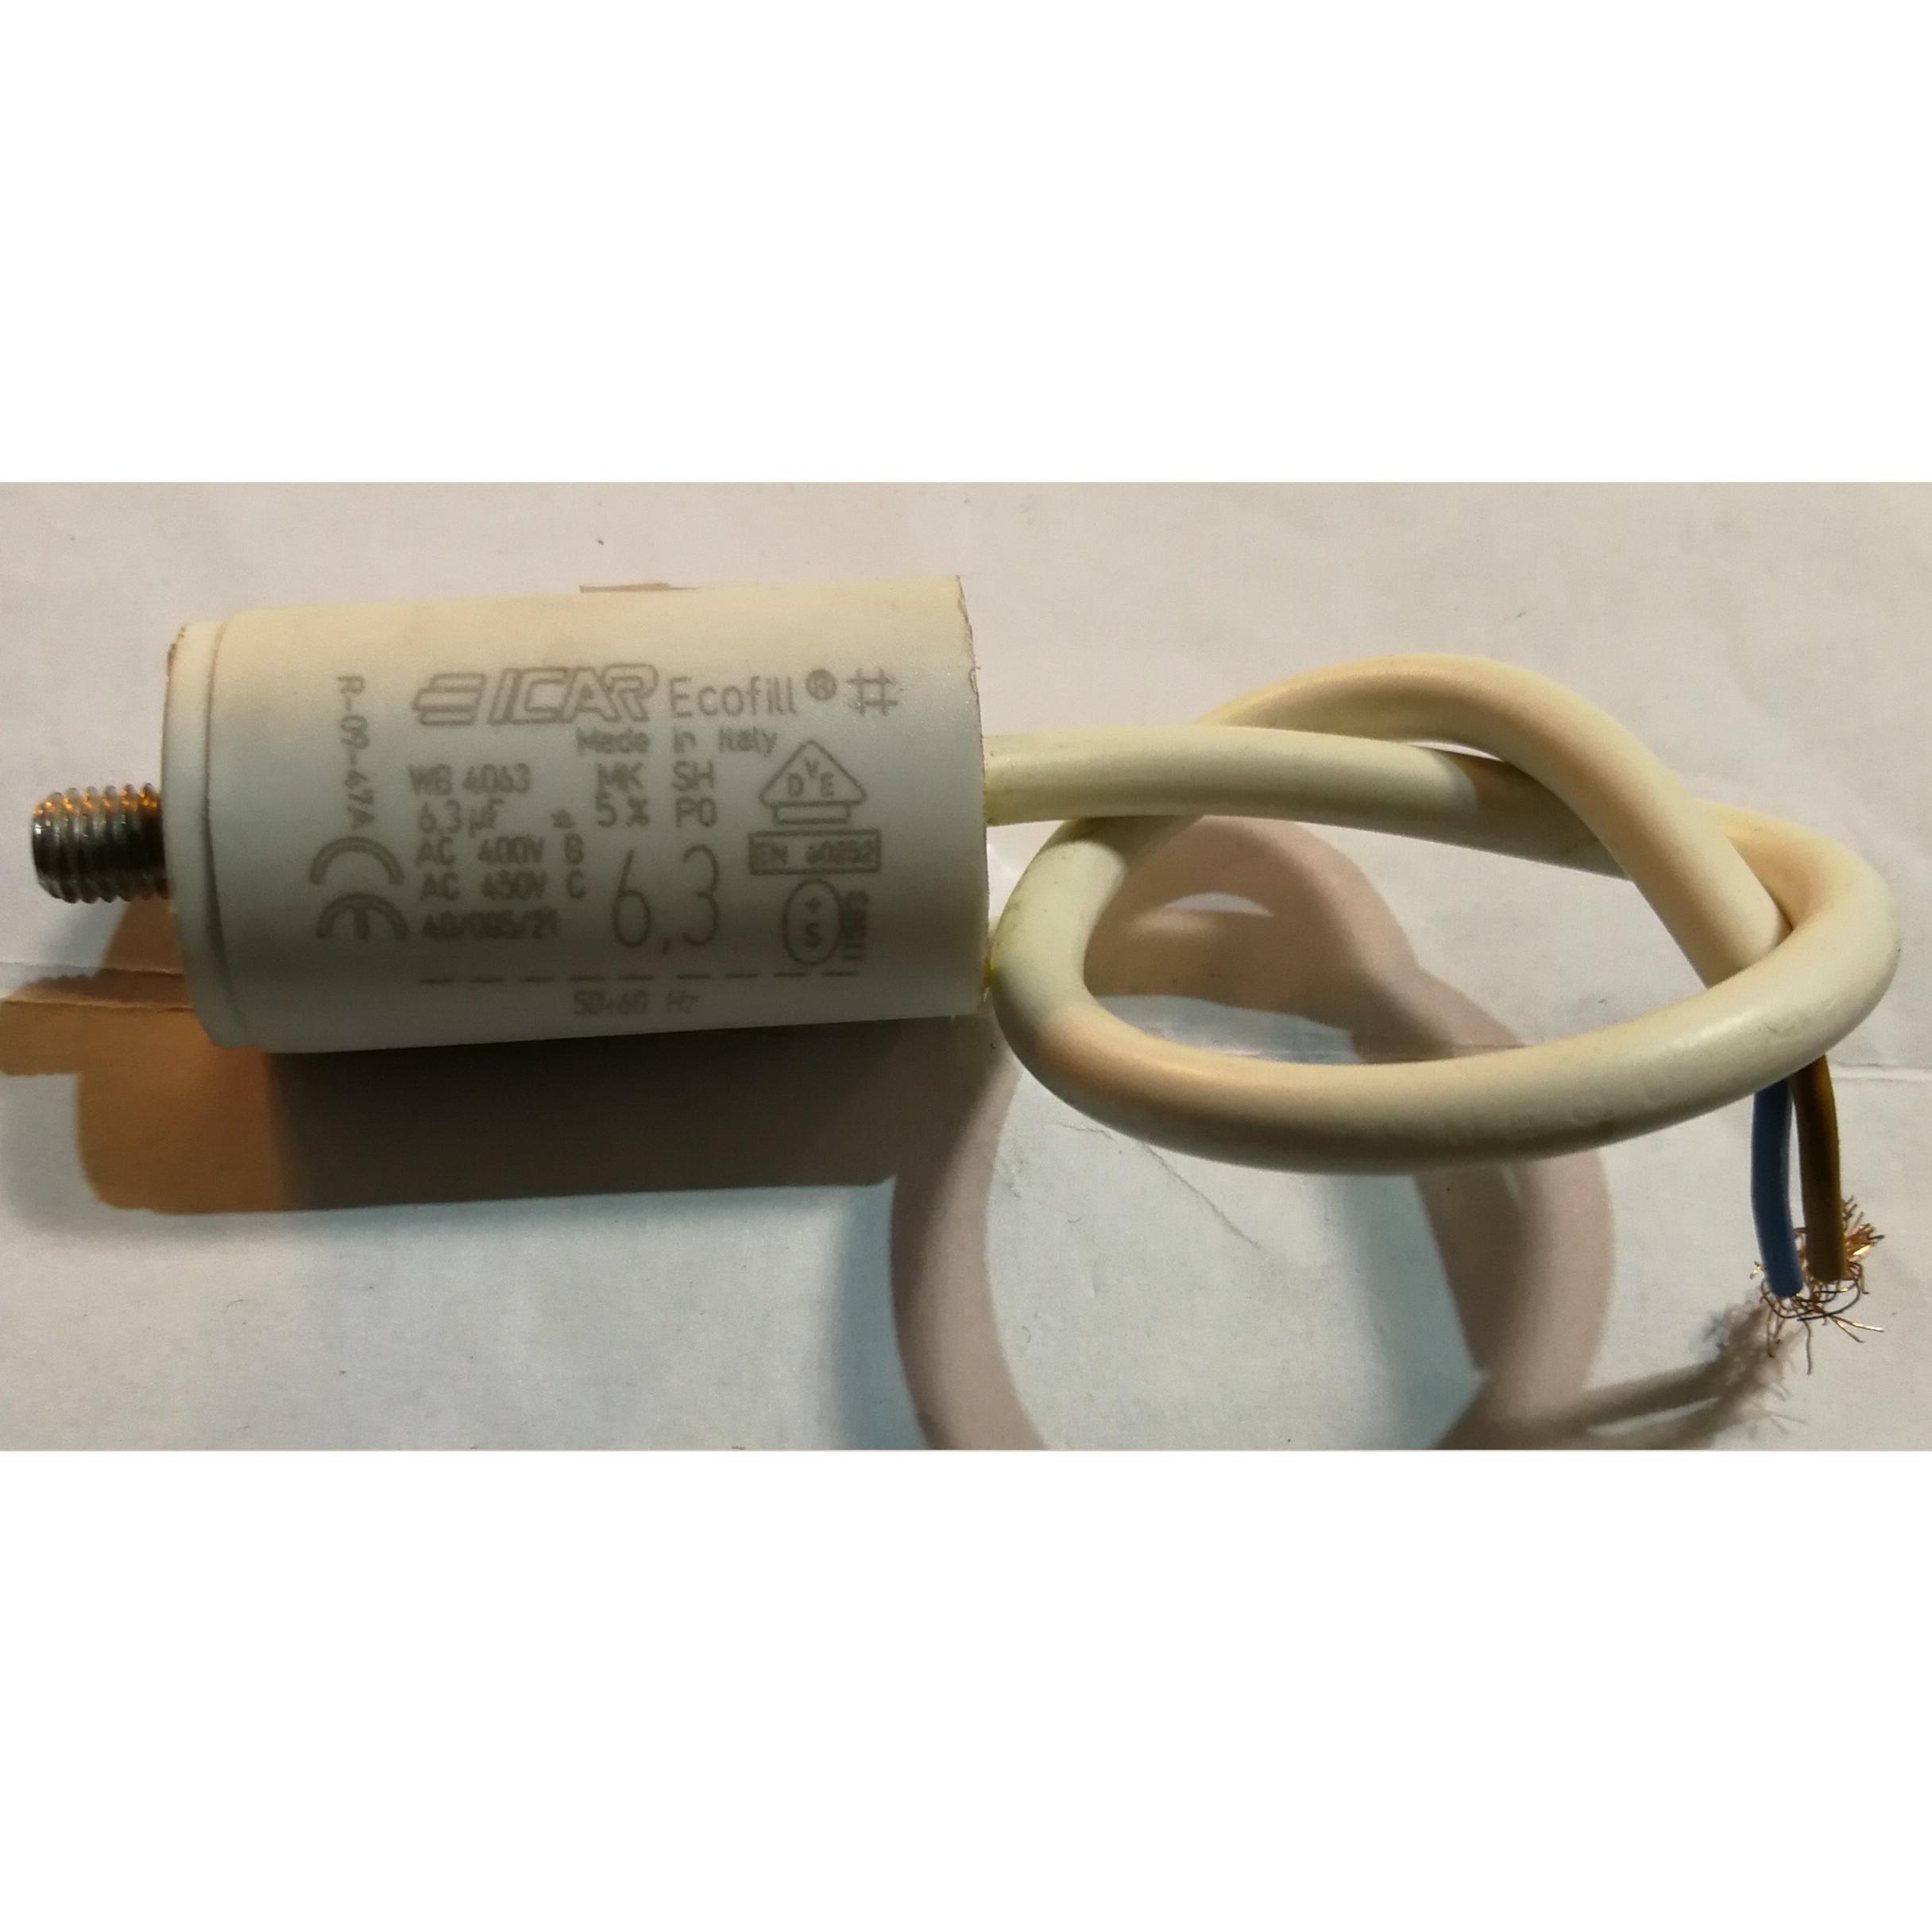 Condensatore elettrodomestici vari 6.3 μF ITALFARAD